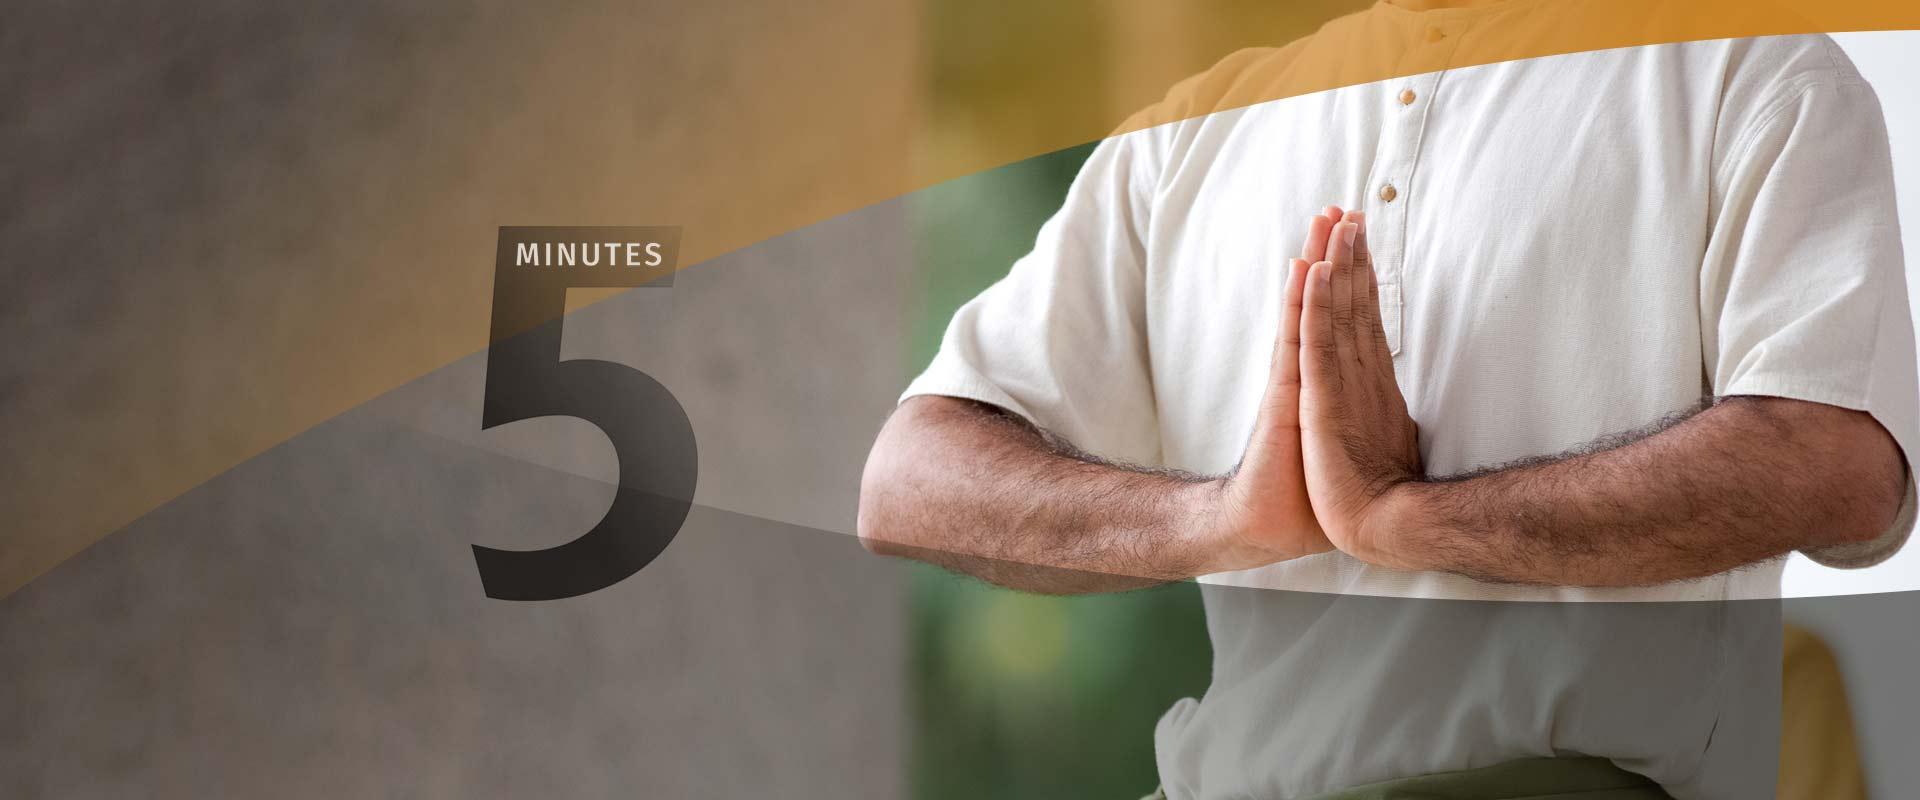 瑜伽初学者指南丨《初学者应该如何开始学习瑜伽?》